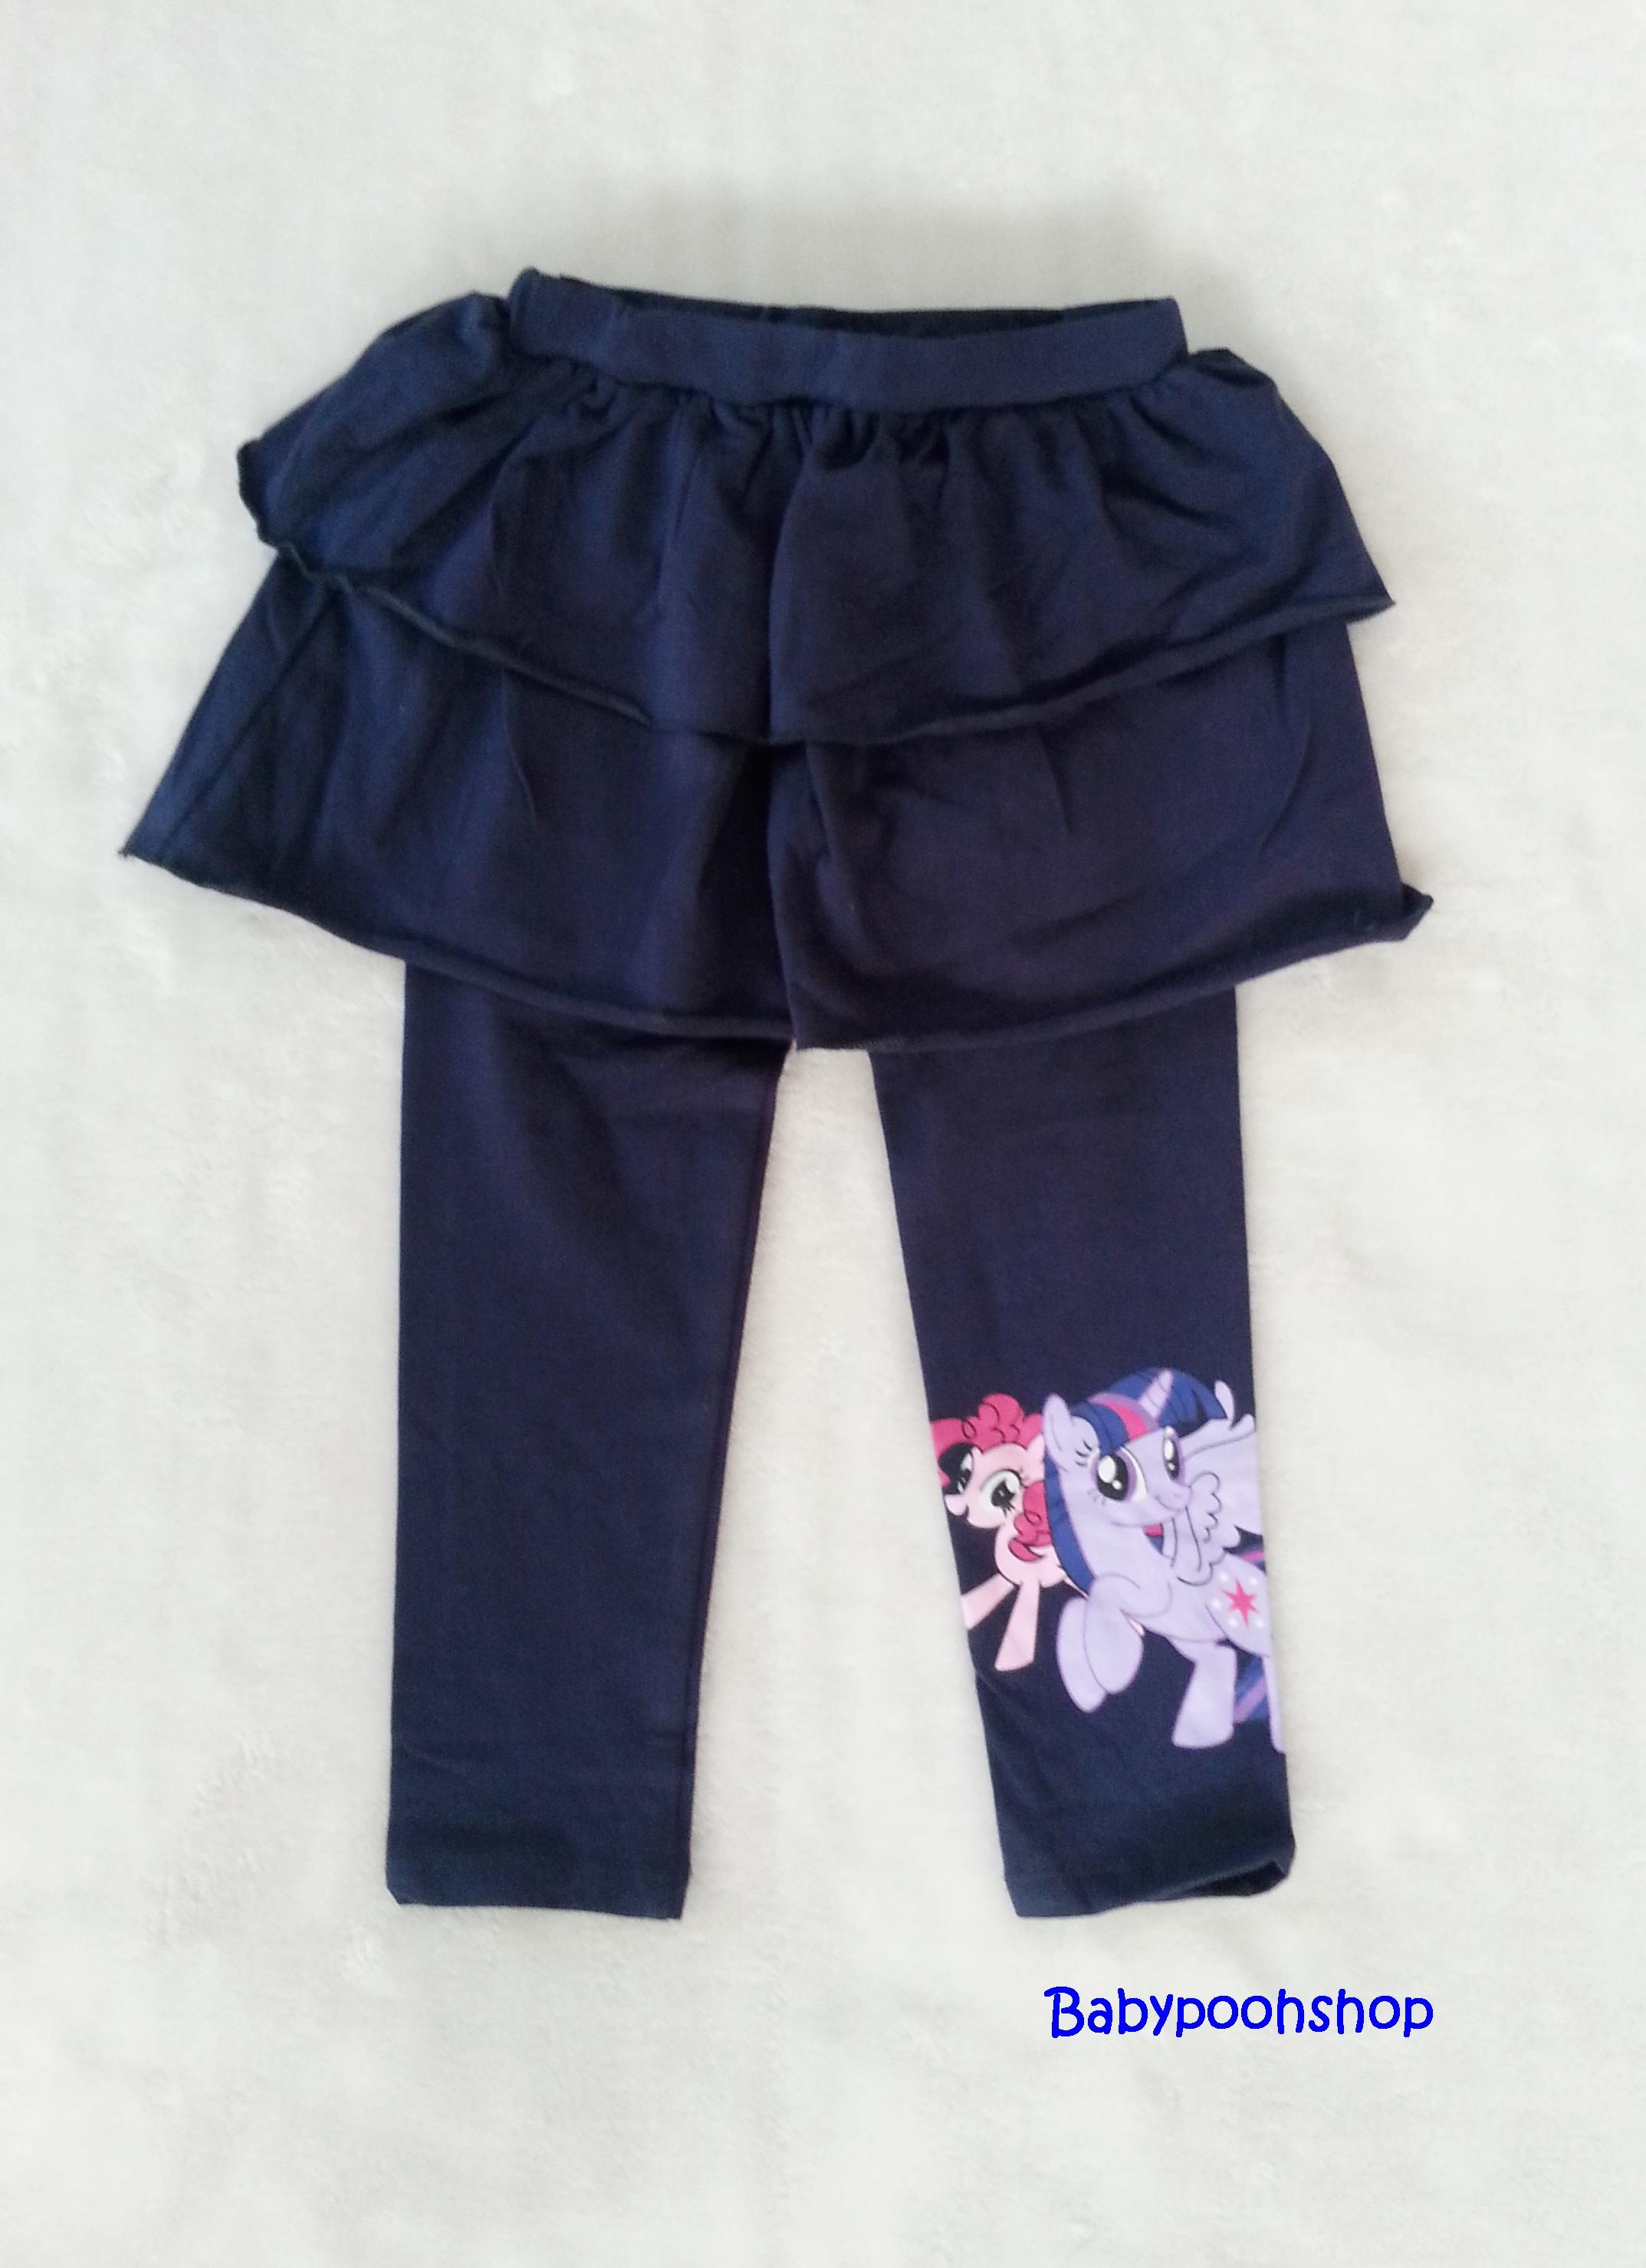 H&M : เลกกิ้งกระโปรงกางเกง สกรีนลายม้าโพนี่ ที่ปลายขา สีกรม size : 2-4y